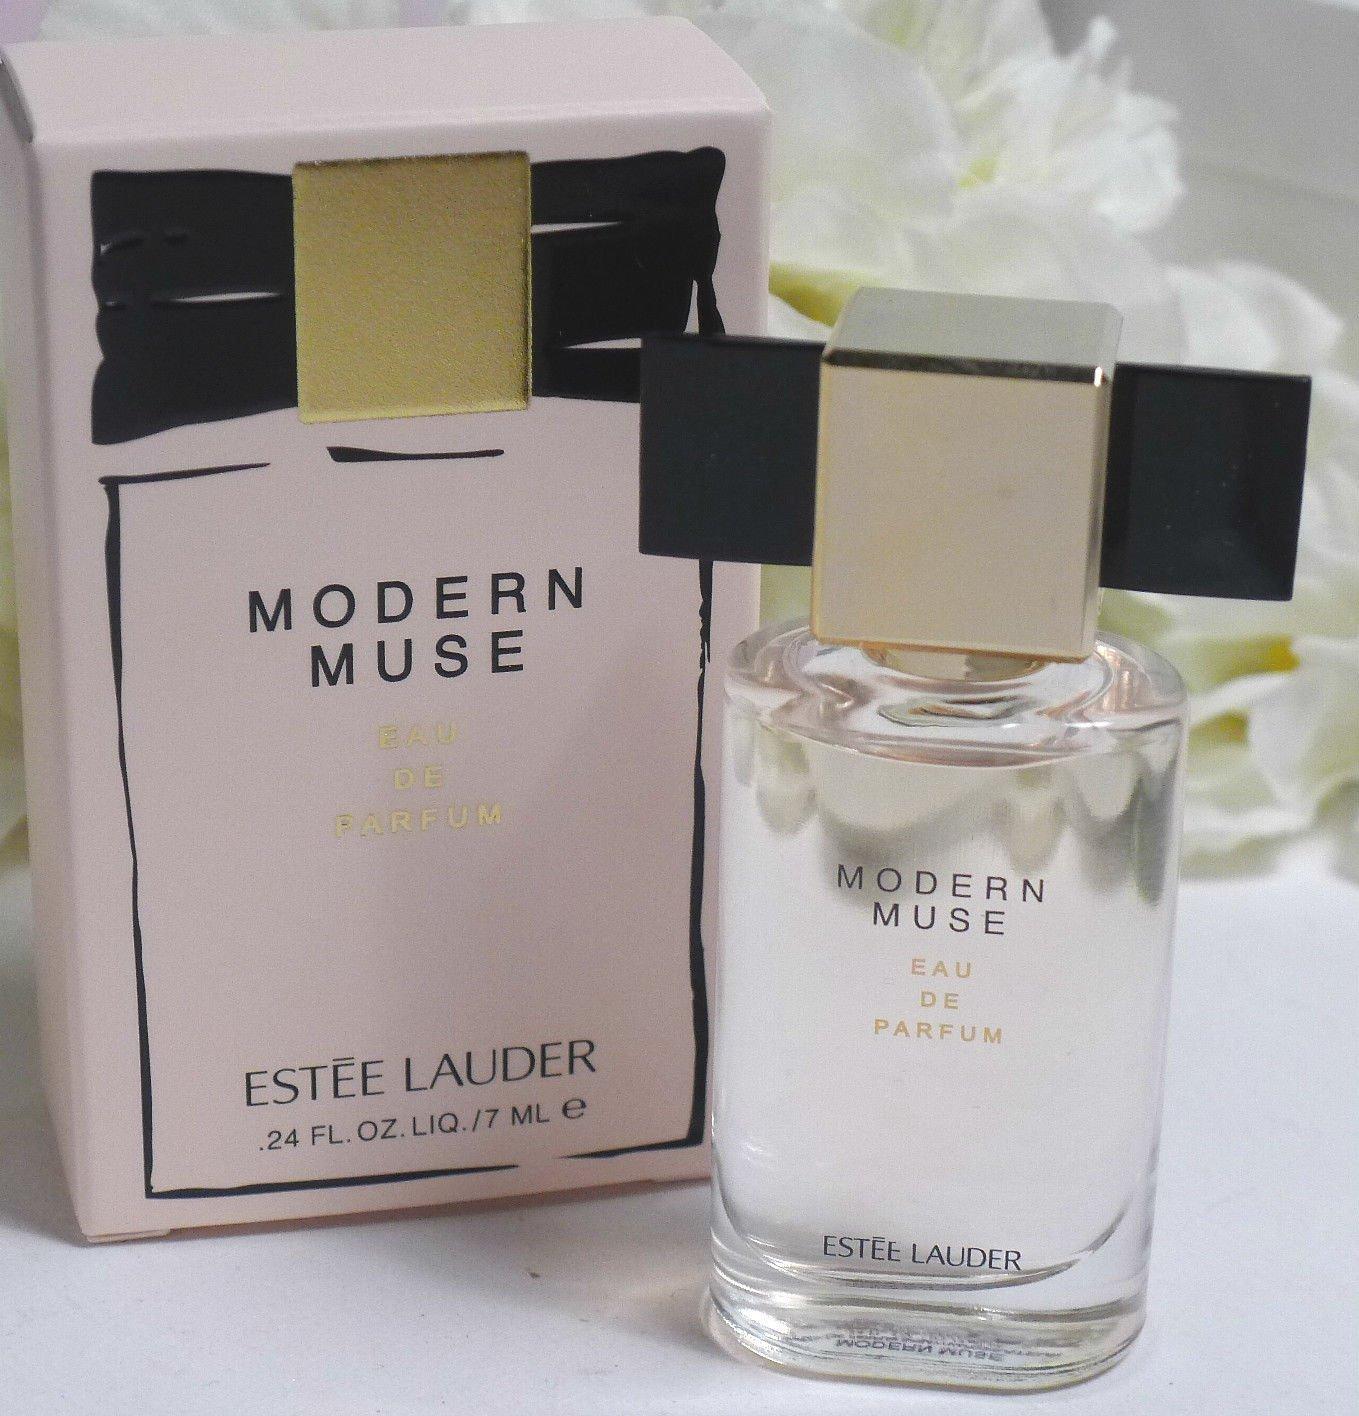 Pleasures Intense By Estee Lauder For Women Eau De Edp 100ml Modern Muse Parfum 024oz 7ml Travel Size